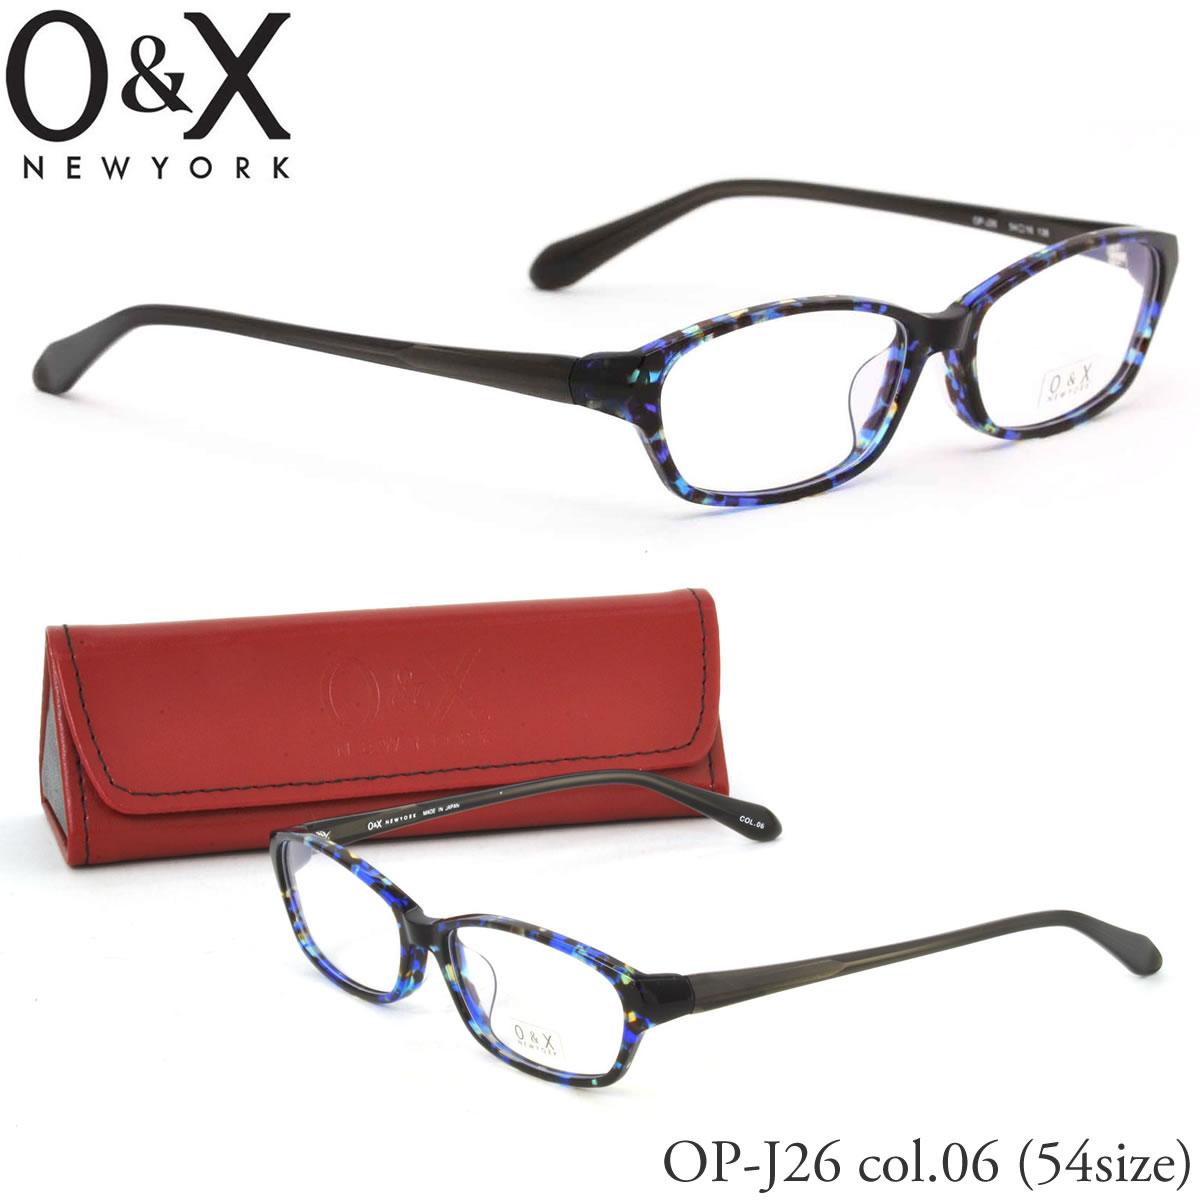 ほぼ全品ポイント15倍~最大43倍+3倍!お得なクーポンも! 【O&X】(オーアンドエックス) メガネ フレーム OP J26 06 54サイズ スクエア 日本製 オーアンドエックス O&X メンズ レディース